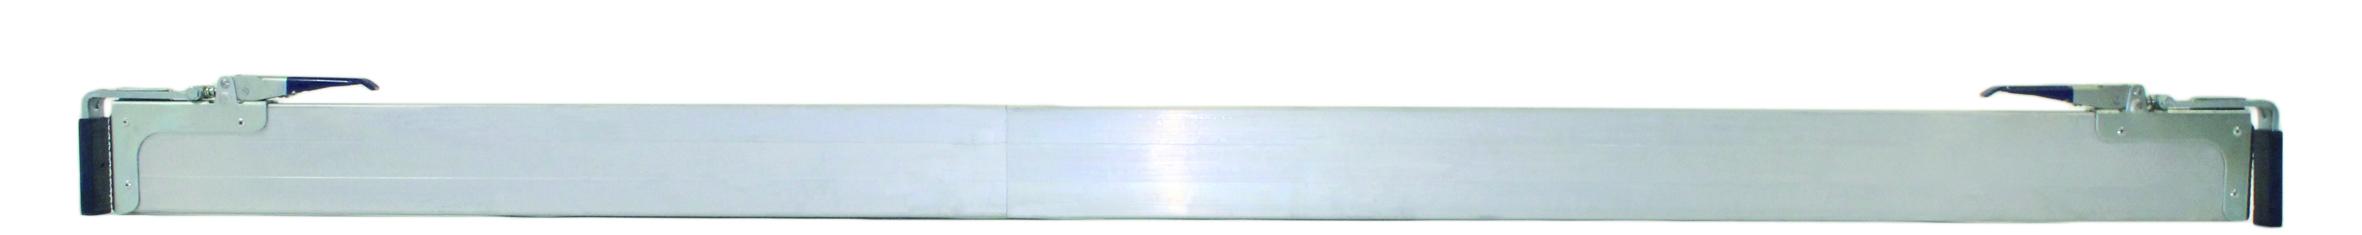 GWS®-Zwischenwandverschluss aus Aluminium, BC 400 daN